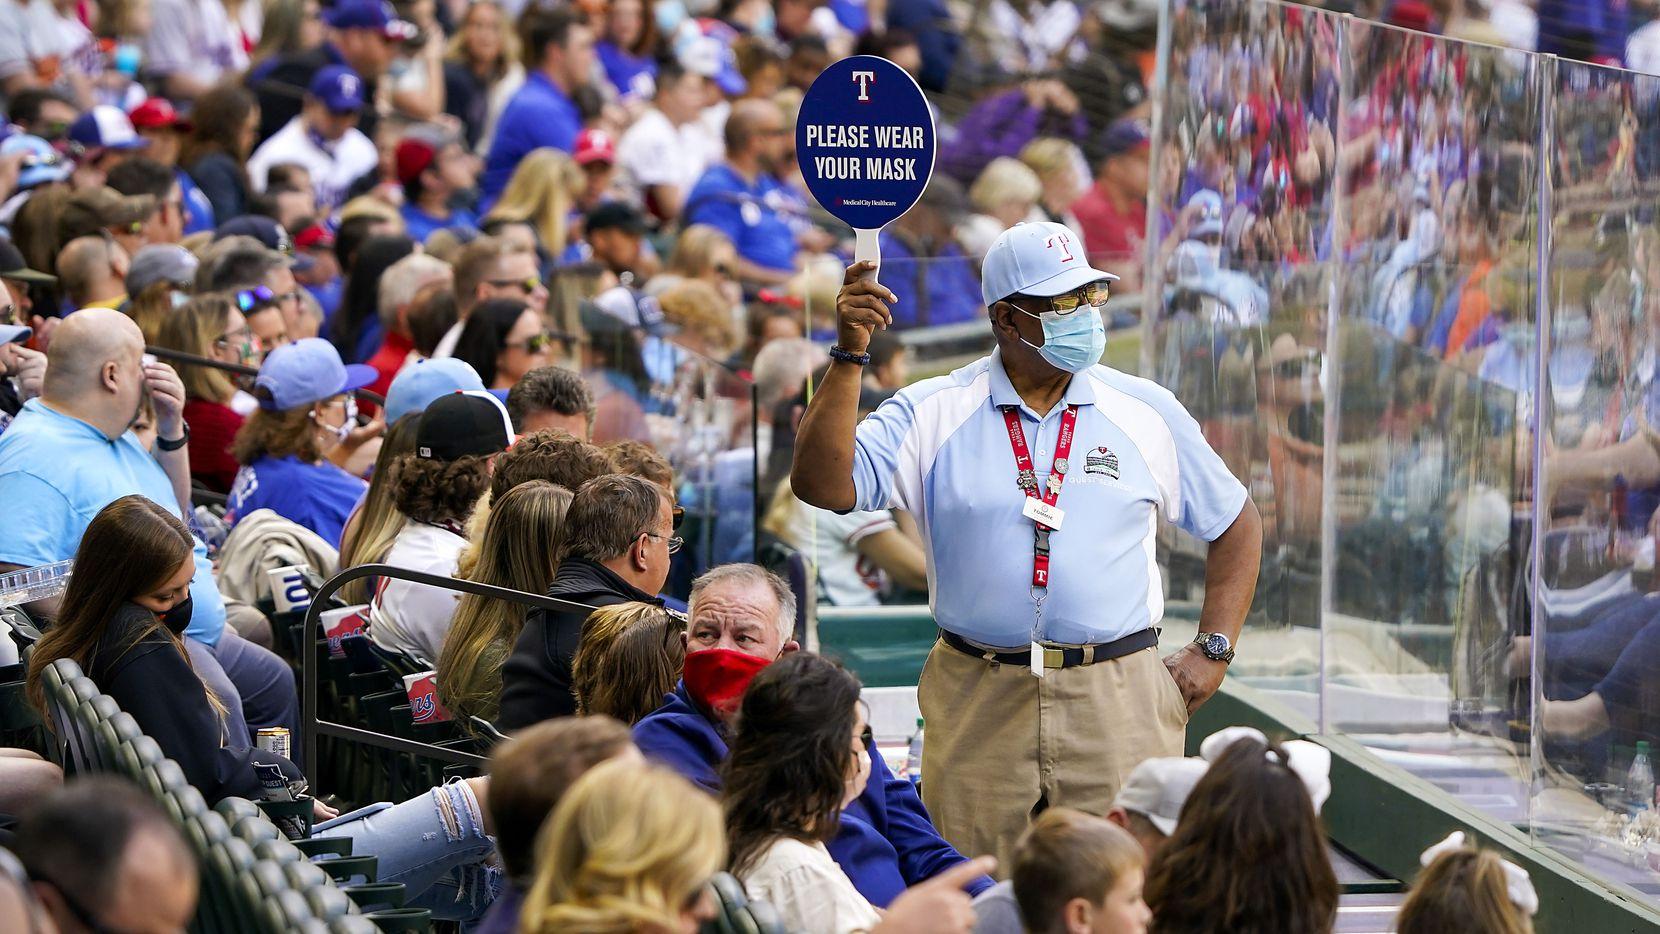 Ya no será obligatorio utilizar cubrebocas en los juegos de los Rangers de Texas en el Globe Life Field de Arlington.